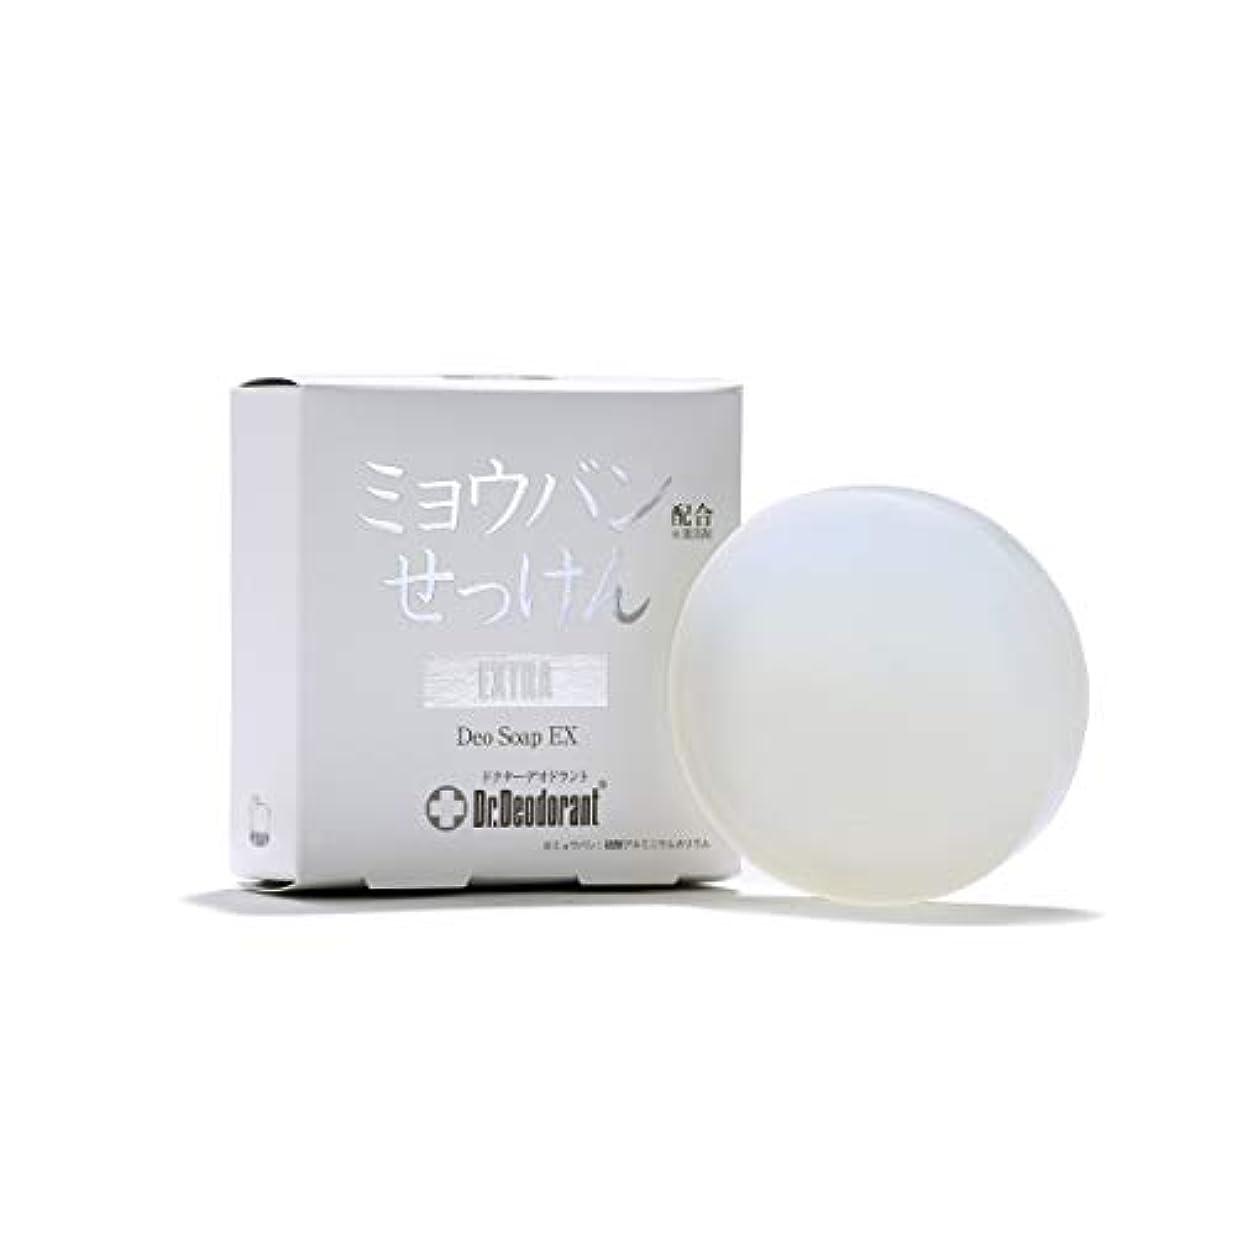 中間霜郵便屋さんドクターデオドラント 薬用ミョウバンせっけんEX (単品)